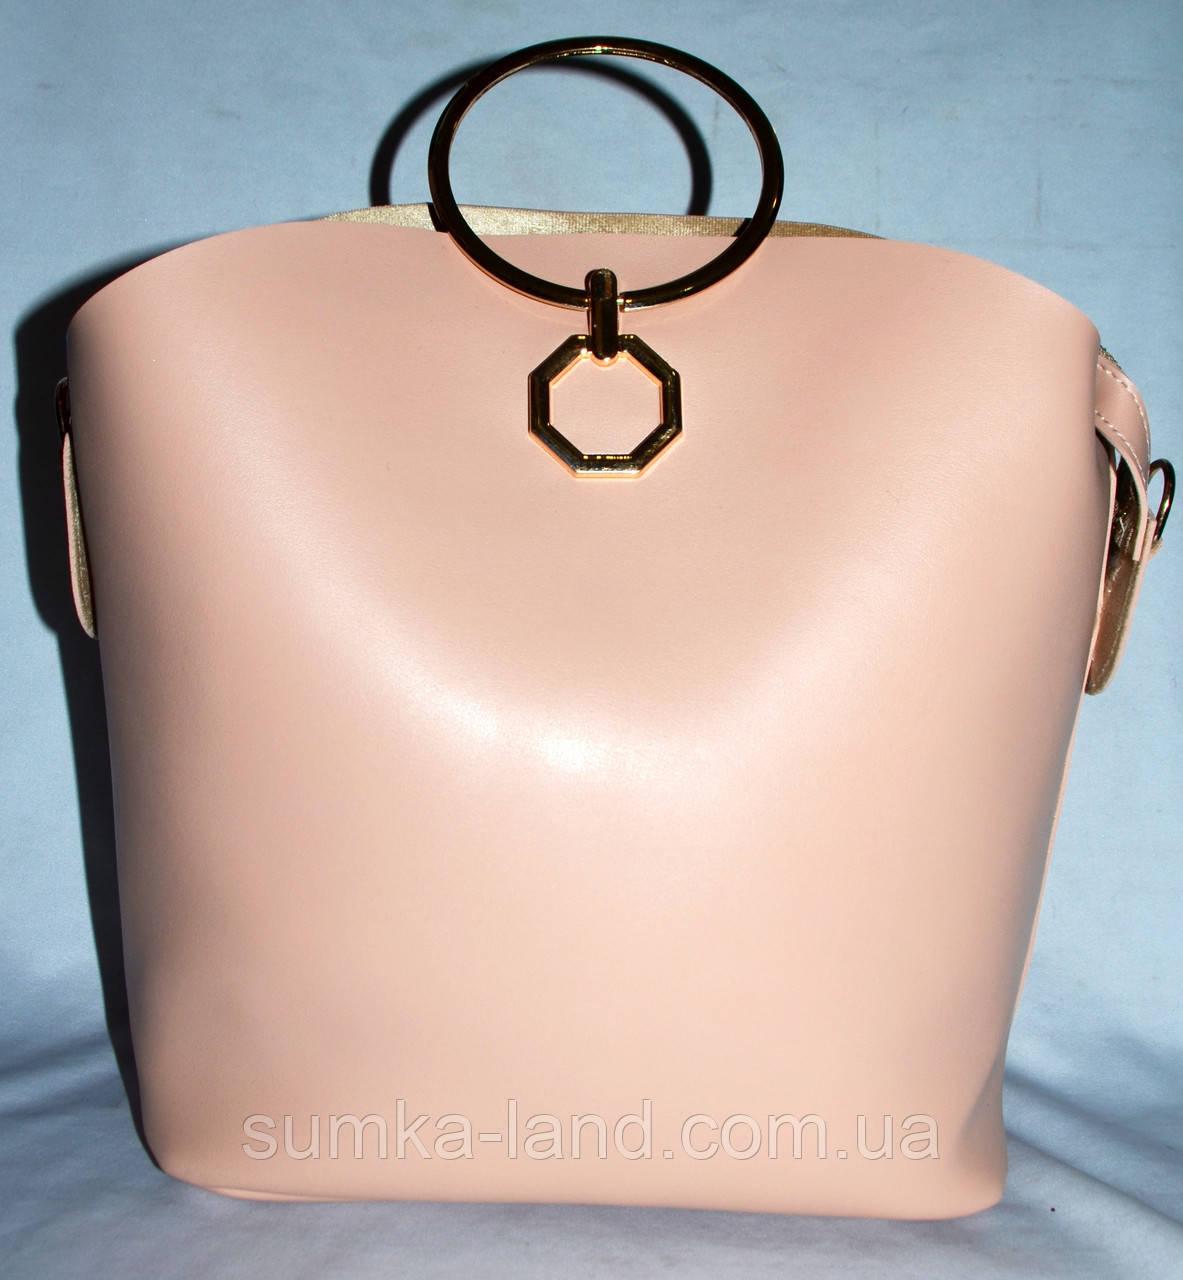 c0a54015c513 Женская пудровая сумка Michael Kors с металлическими круглыми ручками 27 24